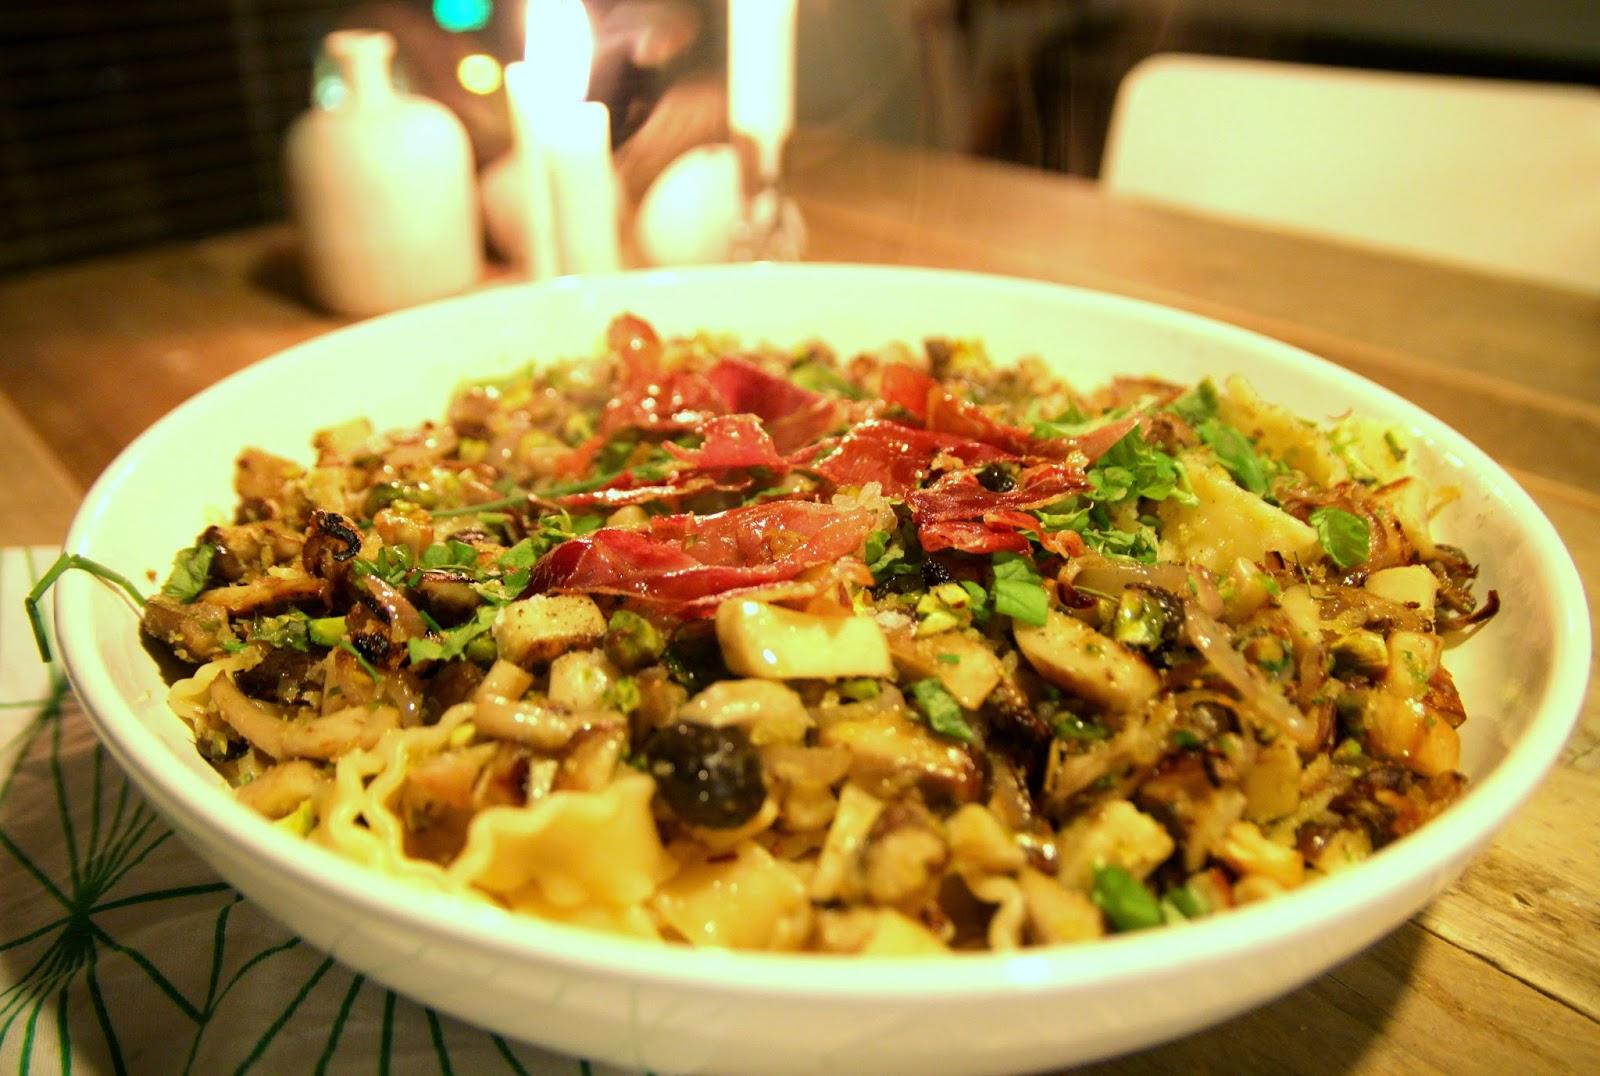 Niente di particolare: food: pasta met paddenstoelen, prosciutto ...